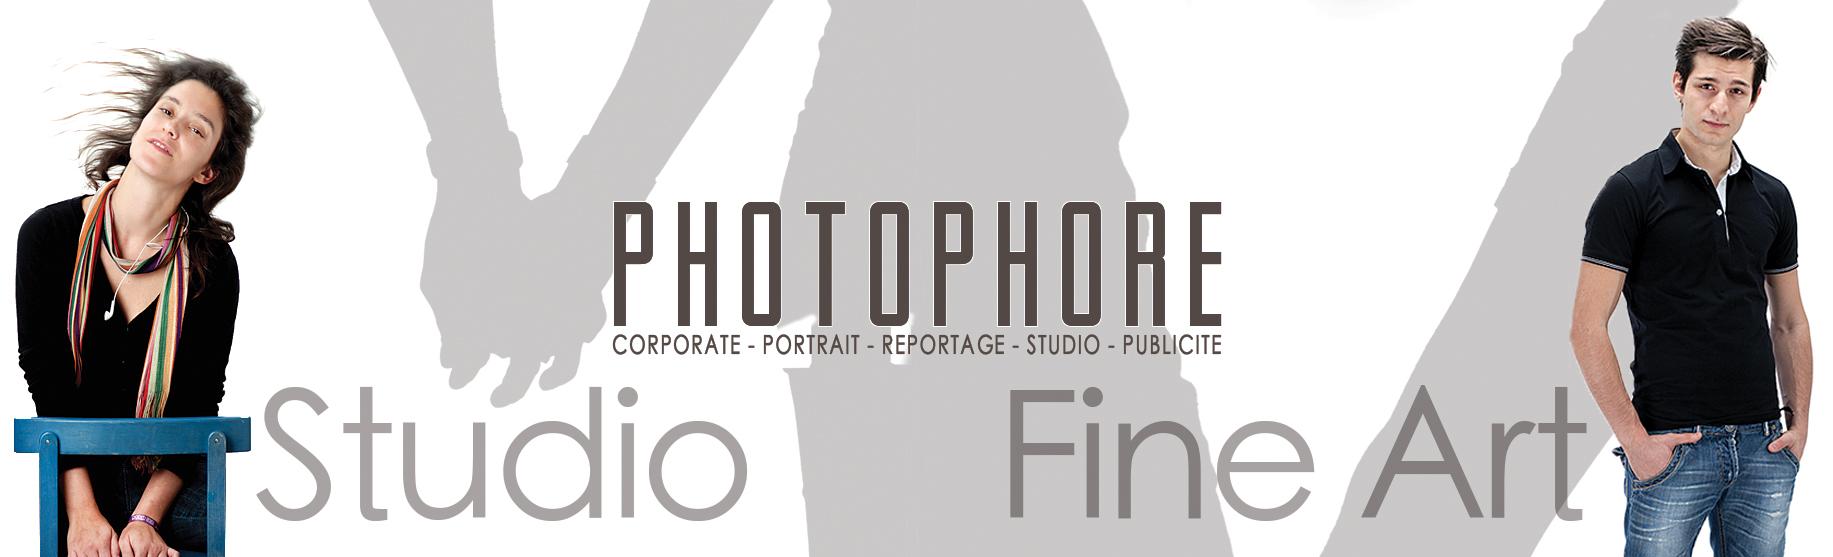 Photophore